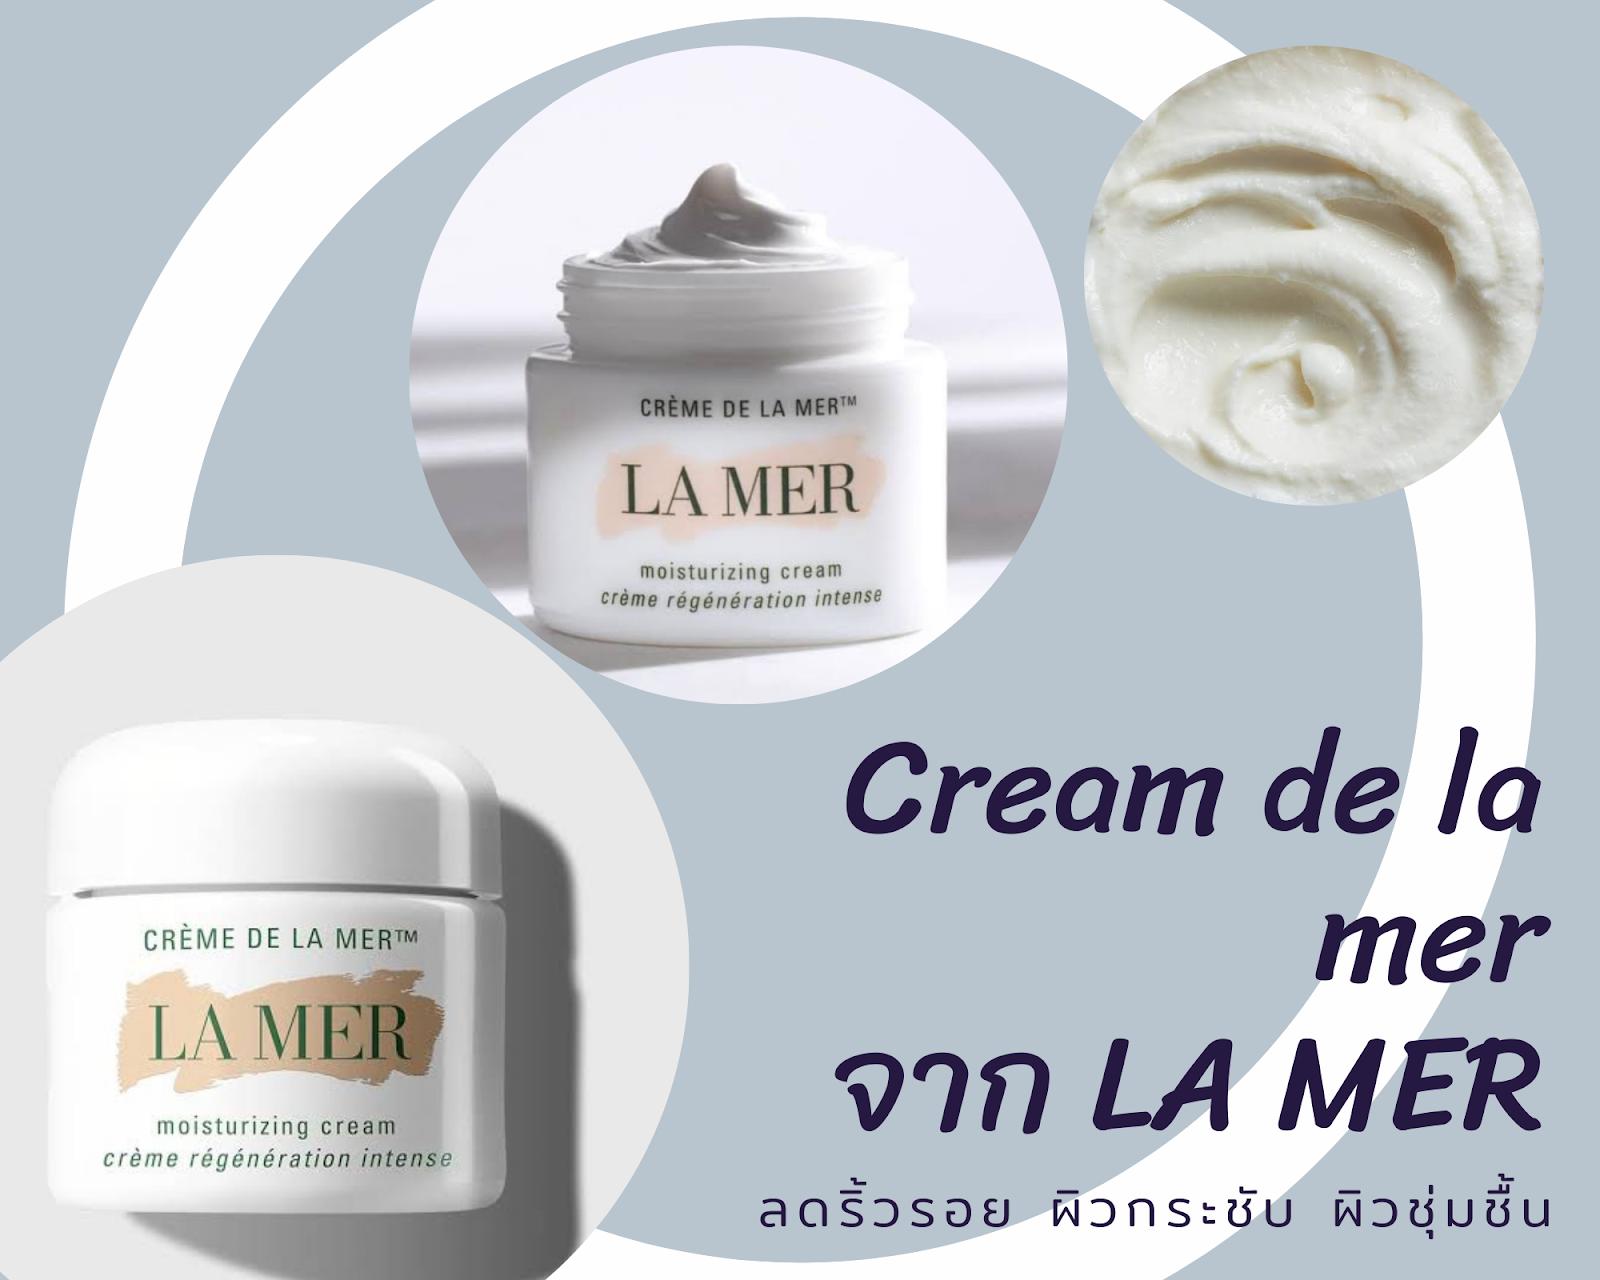 เหมาะสำหรับริ้วรอยลึก : Cream de la mer (LA MER)